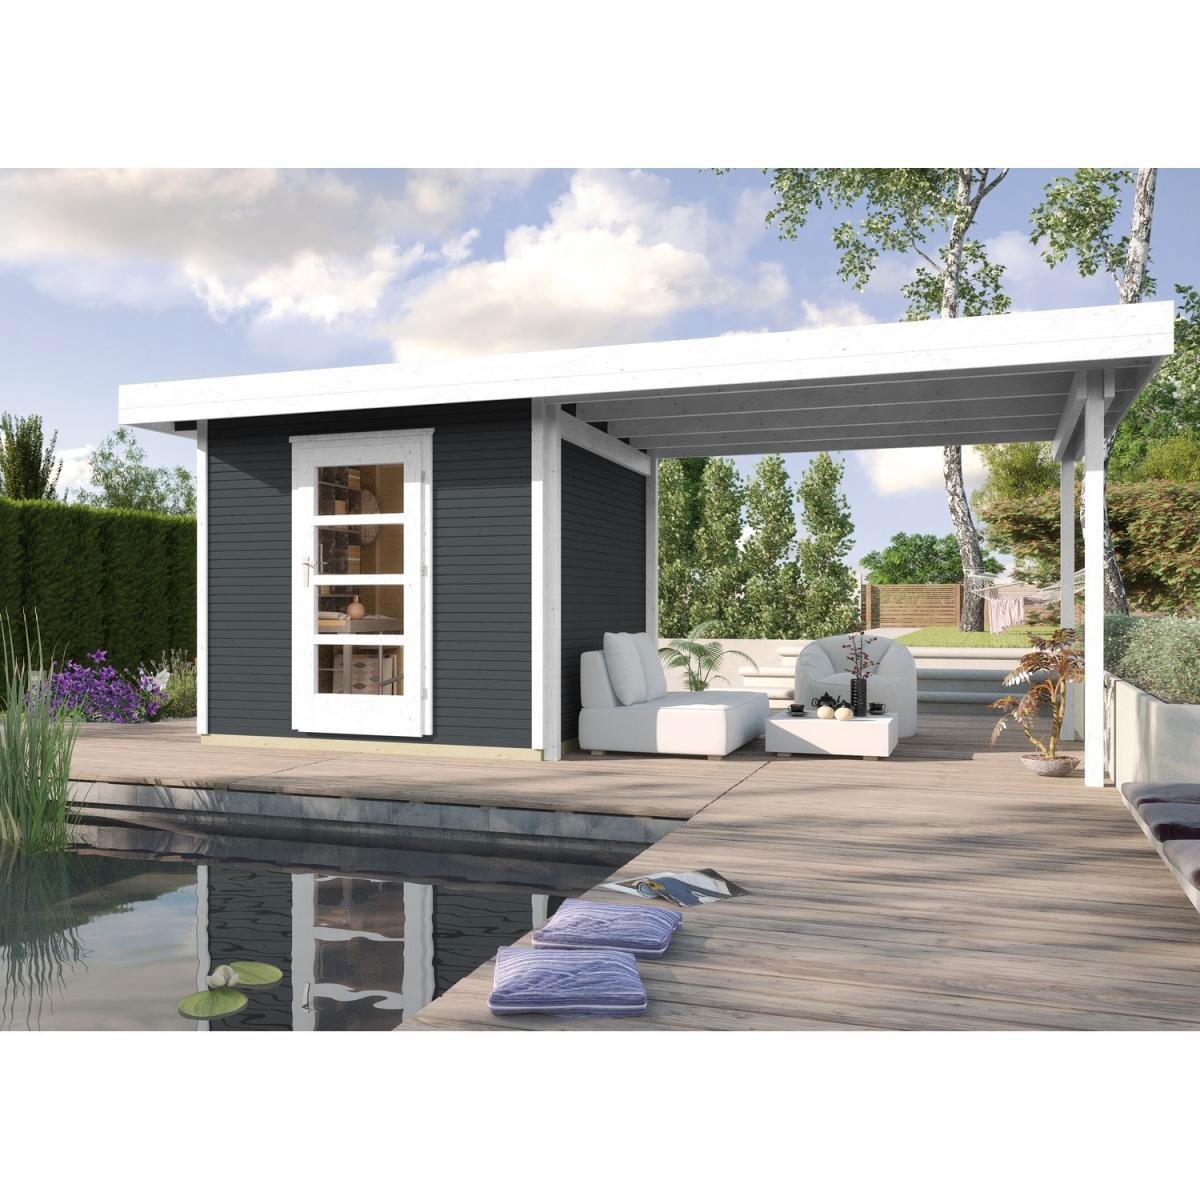 Weka Holz-Gartenhaus wekaLine Anthrazit 210 cm x 205 cm mit Anbau 300 cm